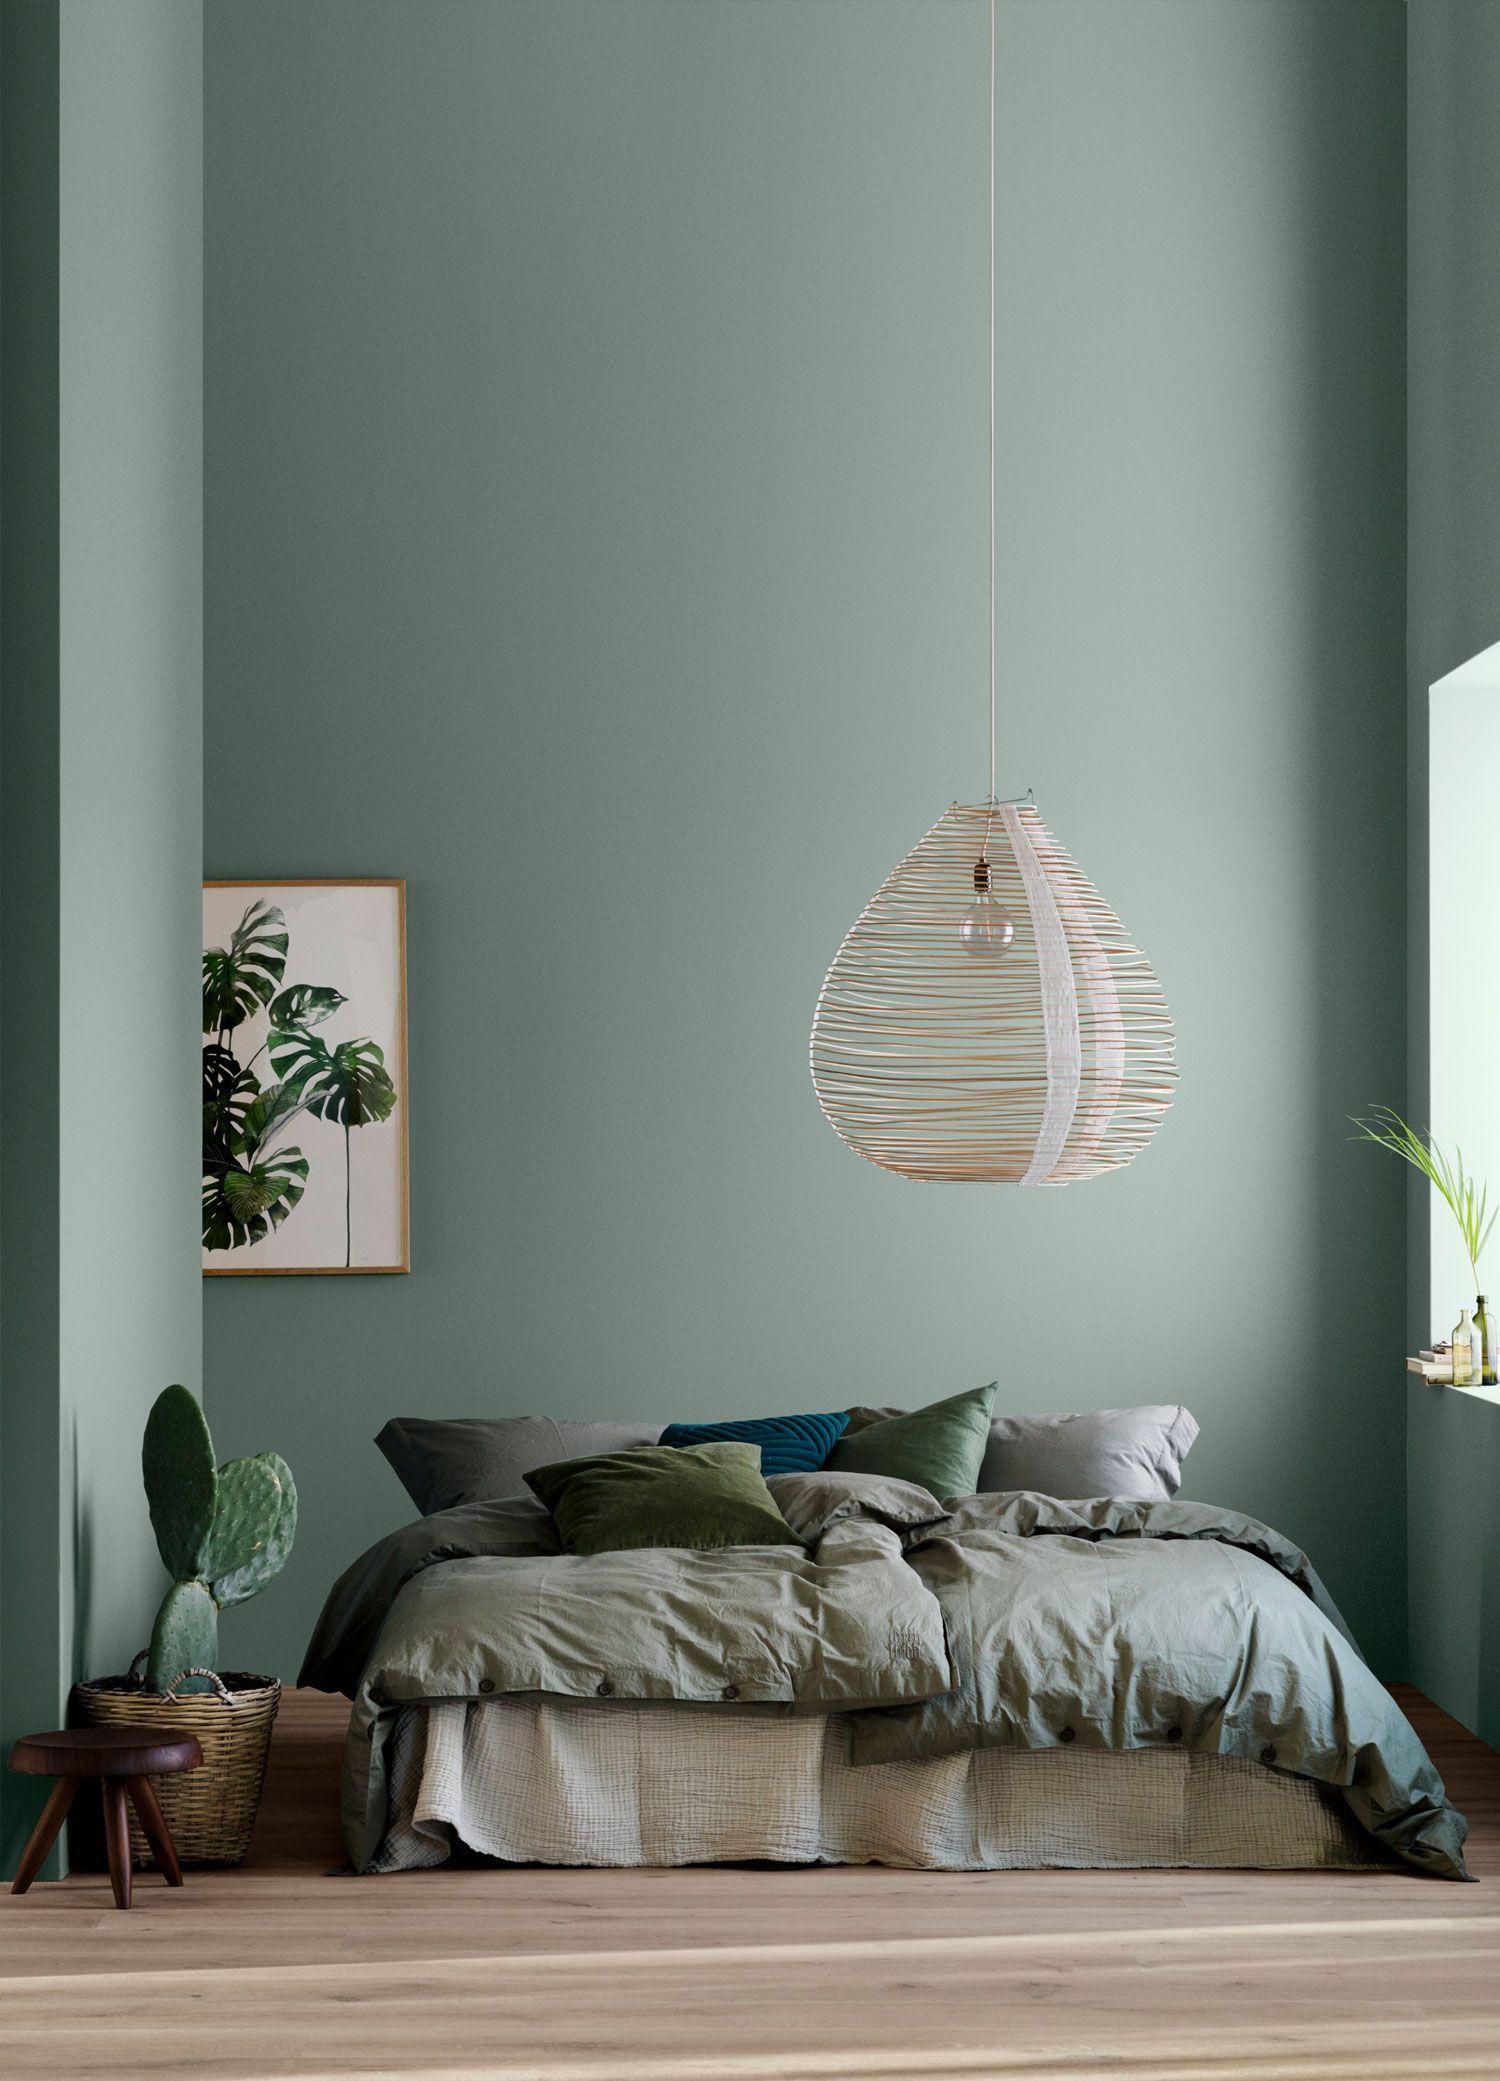 Afbeeldingsresultaat voor slaapkamer trend 2018